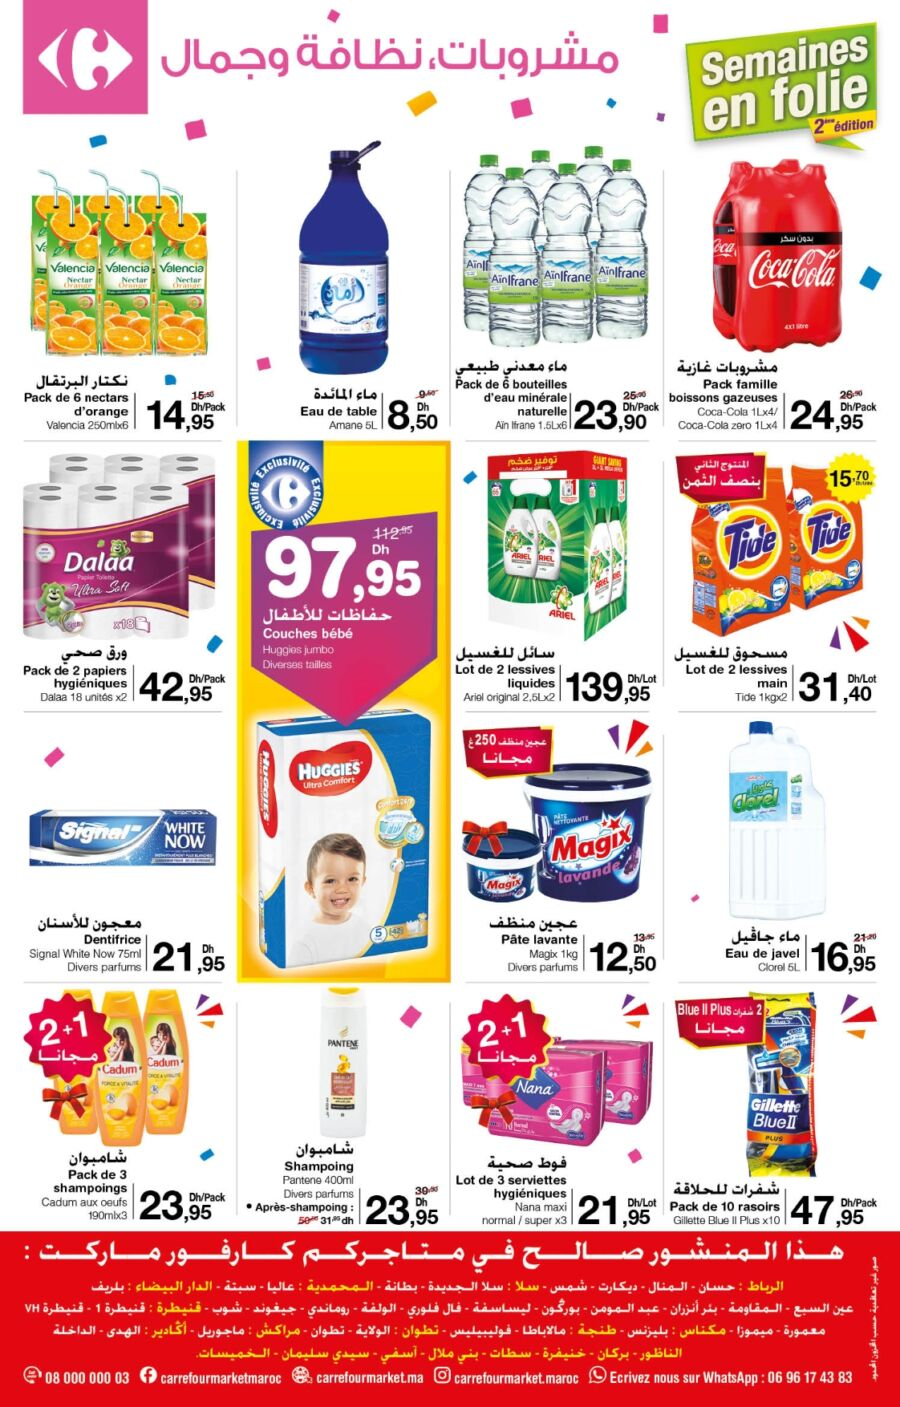 Catalogue Carrefour Market Semaine en folie du 6 au 19 Novembre 2020